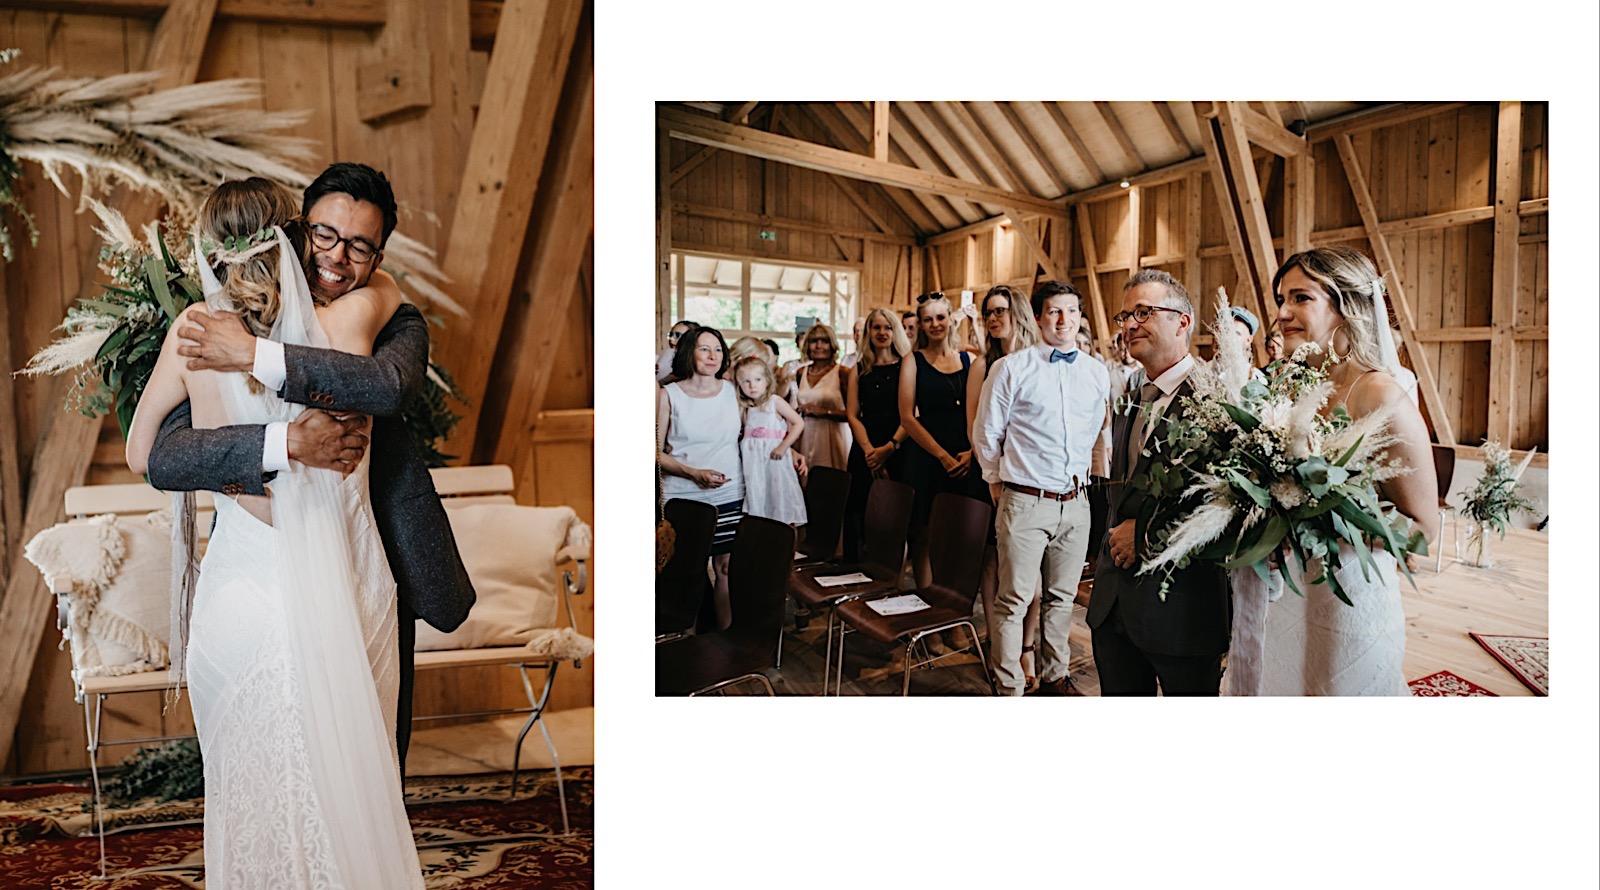 39_bohowedding_ceremony_intimate_wedding (12 von 39)_bohowedding_ceremony_intimate_wedding (14 von 39).jpg